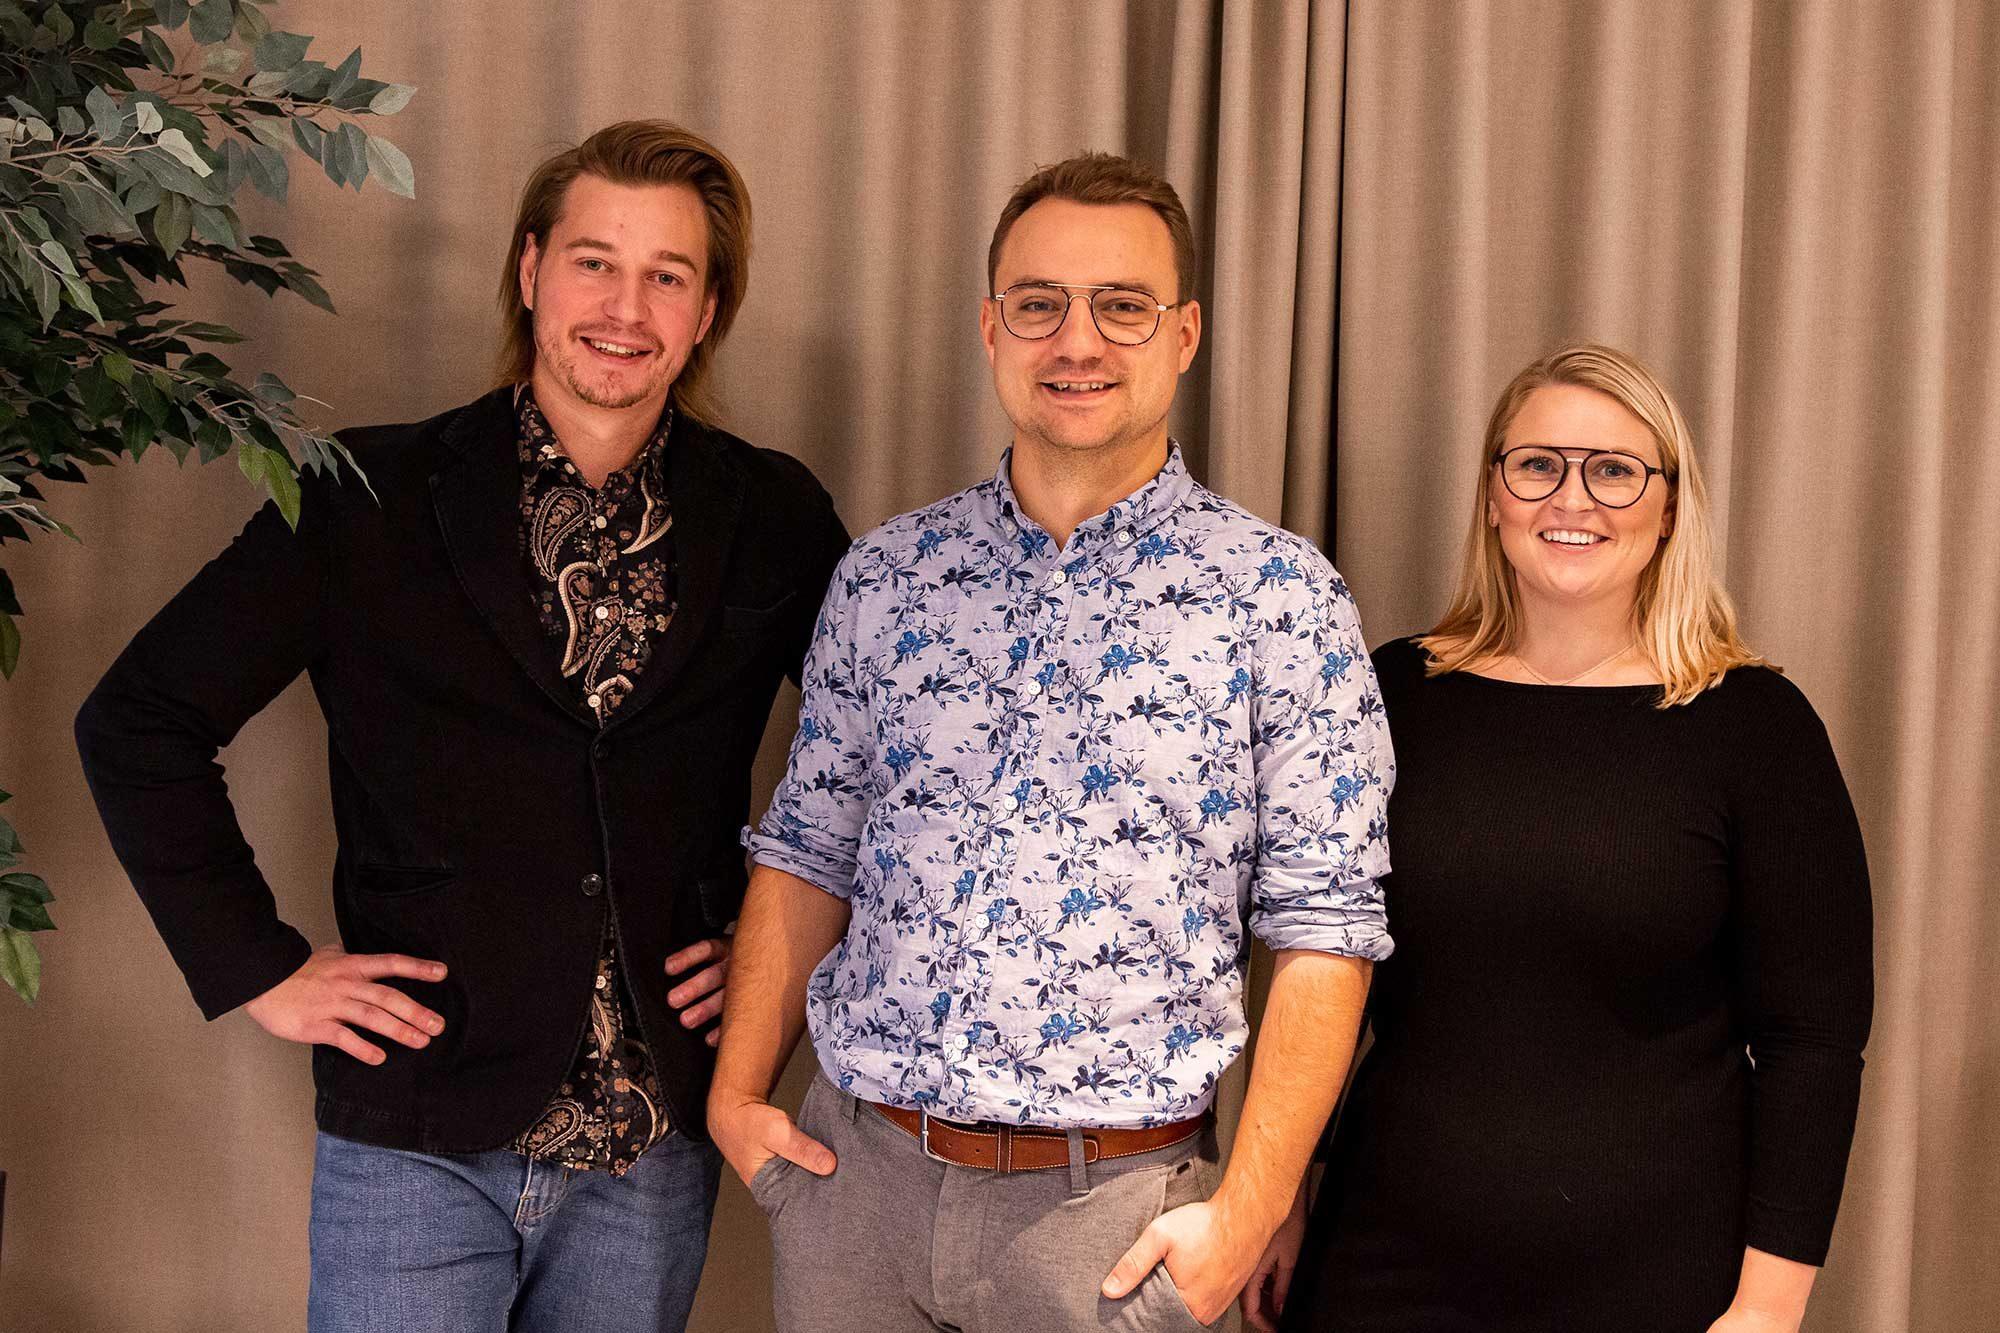 Erik Hermansson, Glenn Winbo Sondell och Ann Winbo står framför ett draperi.